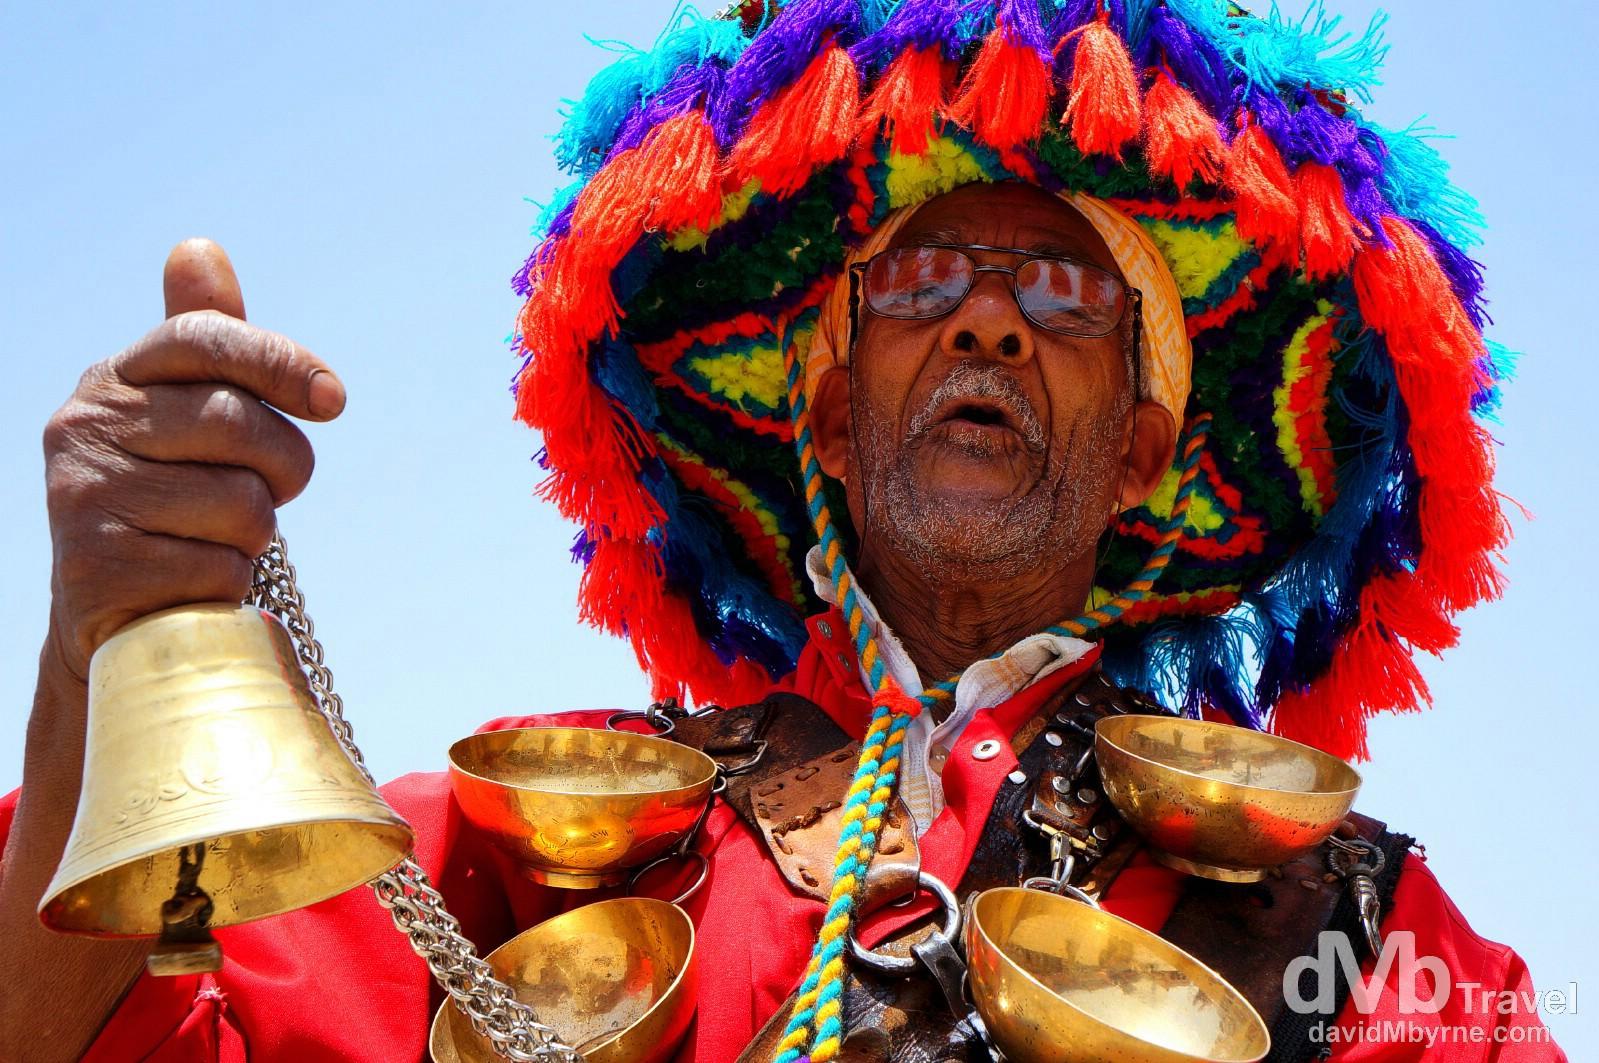 A man in Djemma El-Fna, Marrakesh, Morocco. May 8th, 2014.